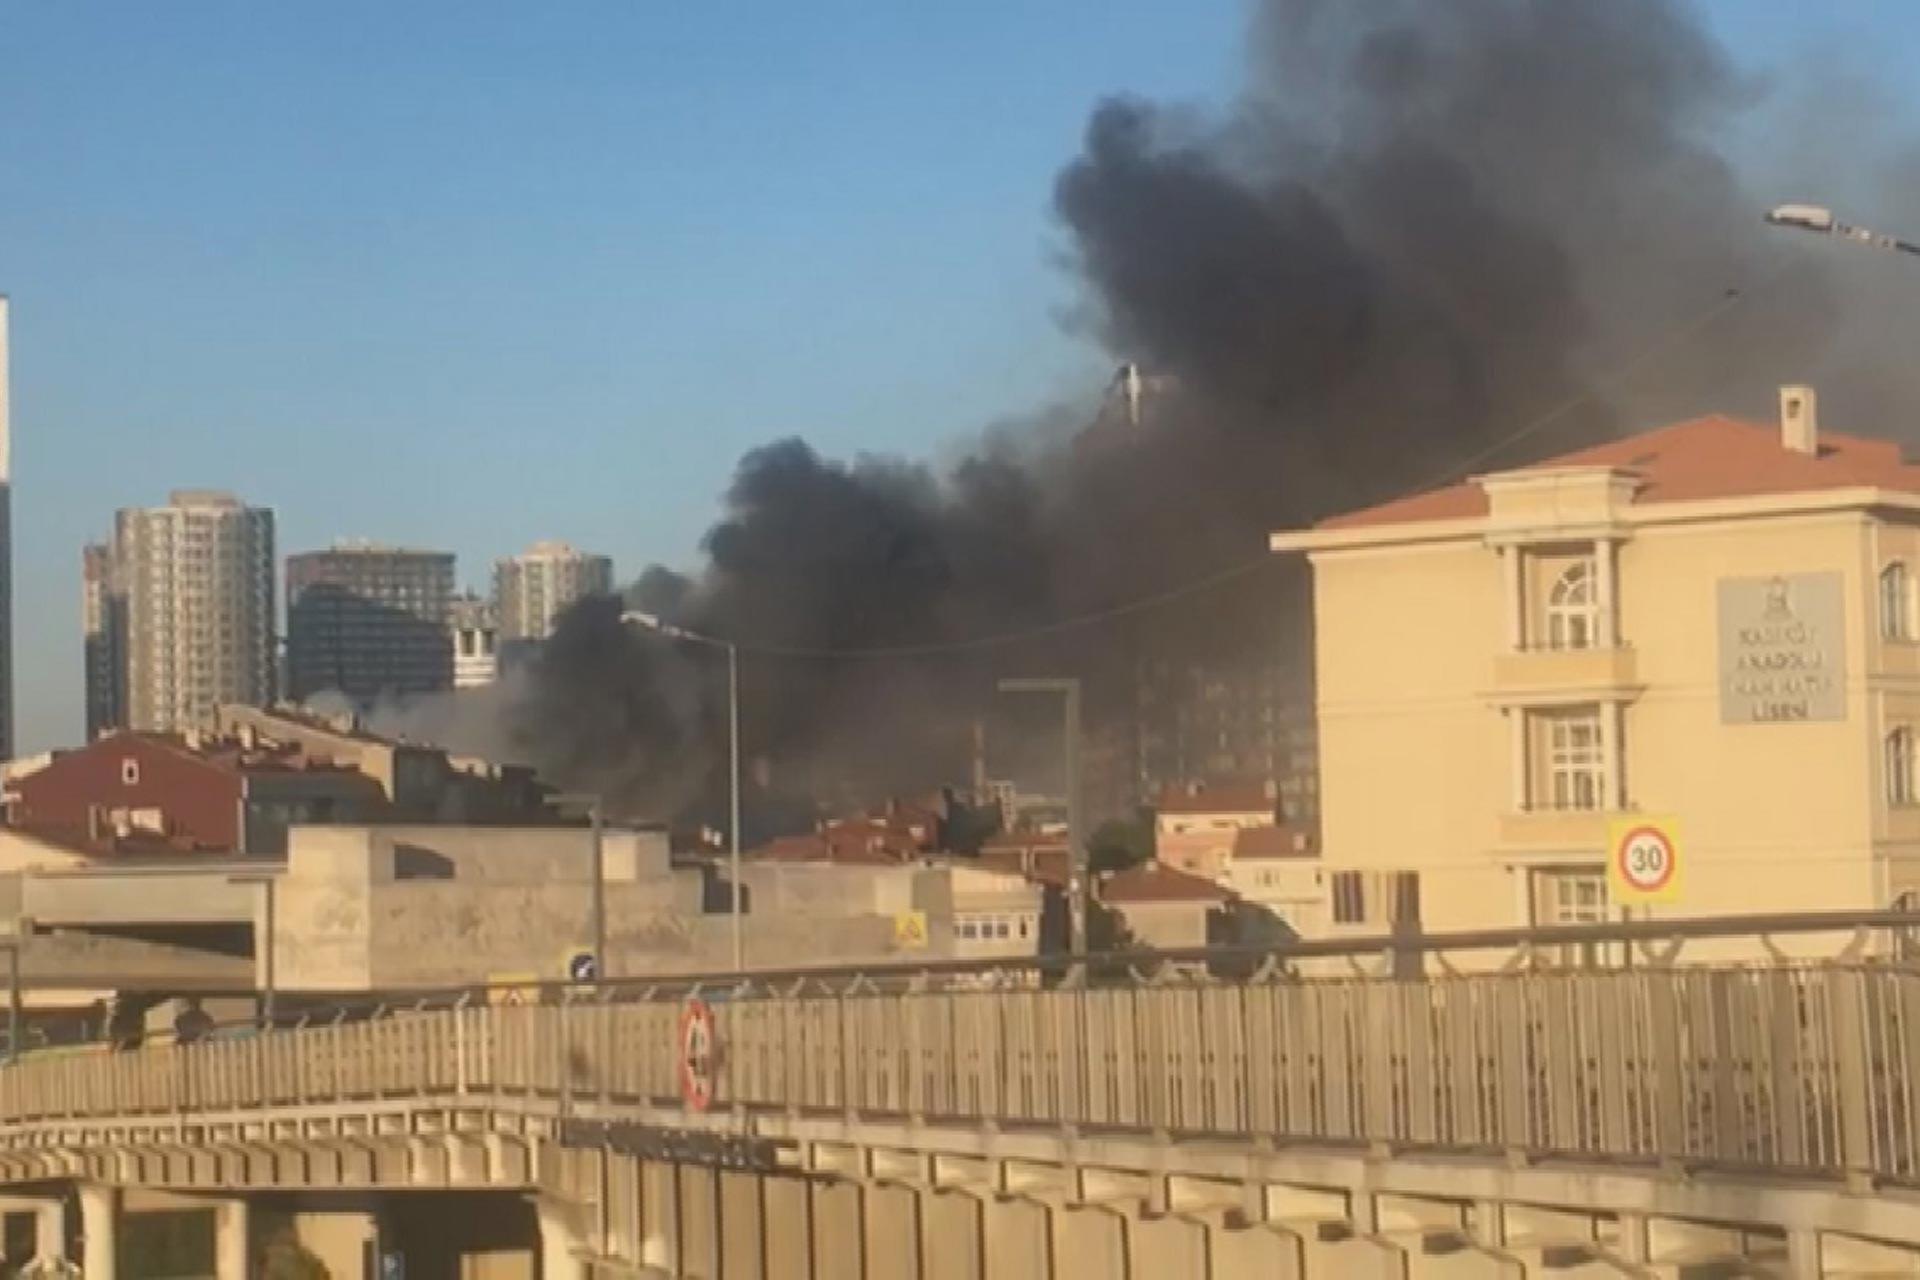 Kadıköy Fikirtepe'de işçilerin kaldığı binada yangın çıktı: 2 ölü